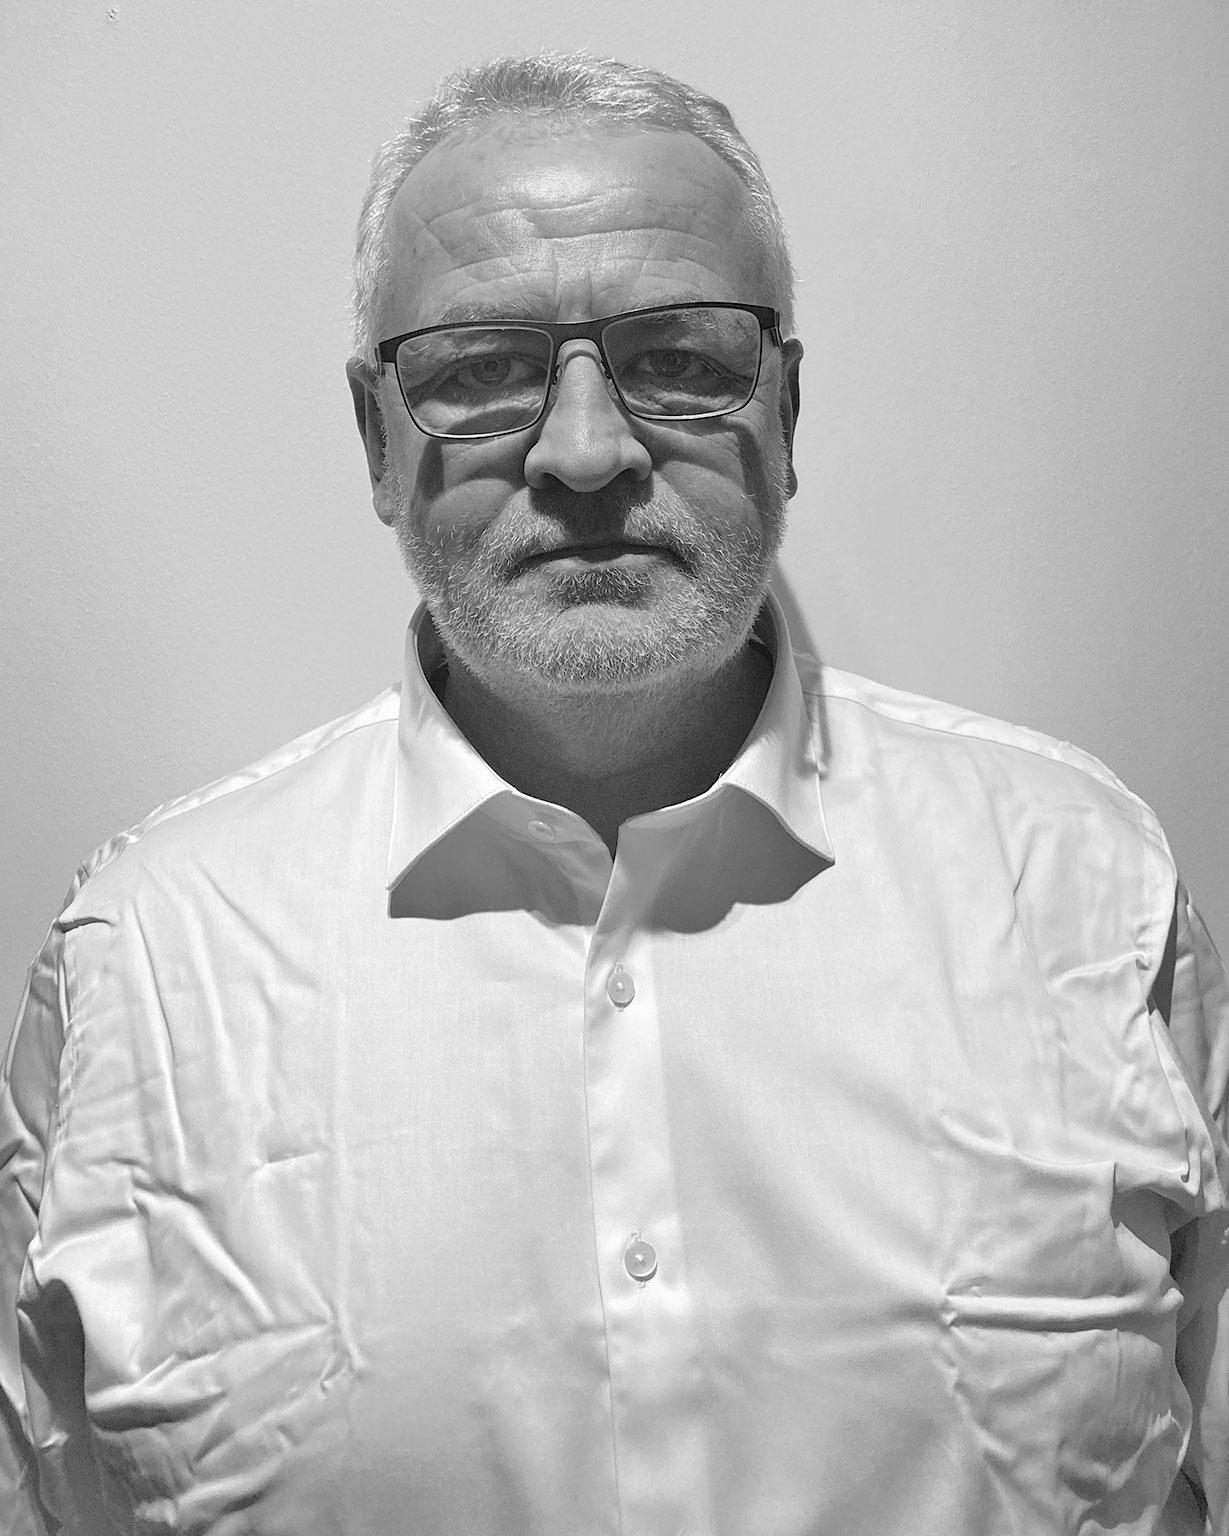 Jon Ranum